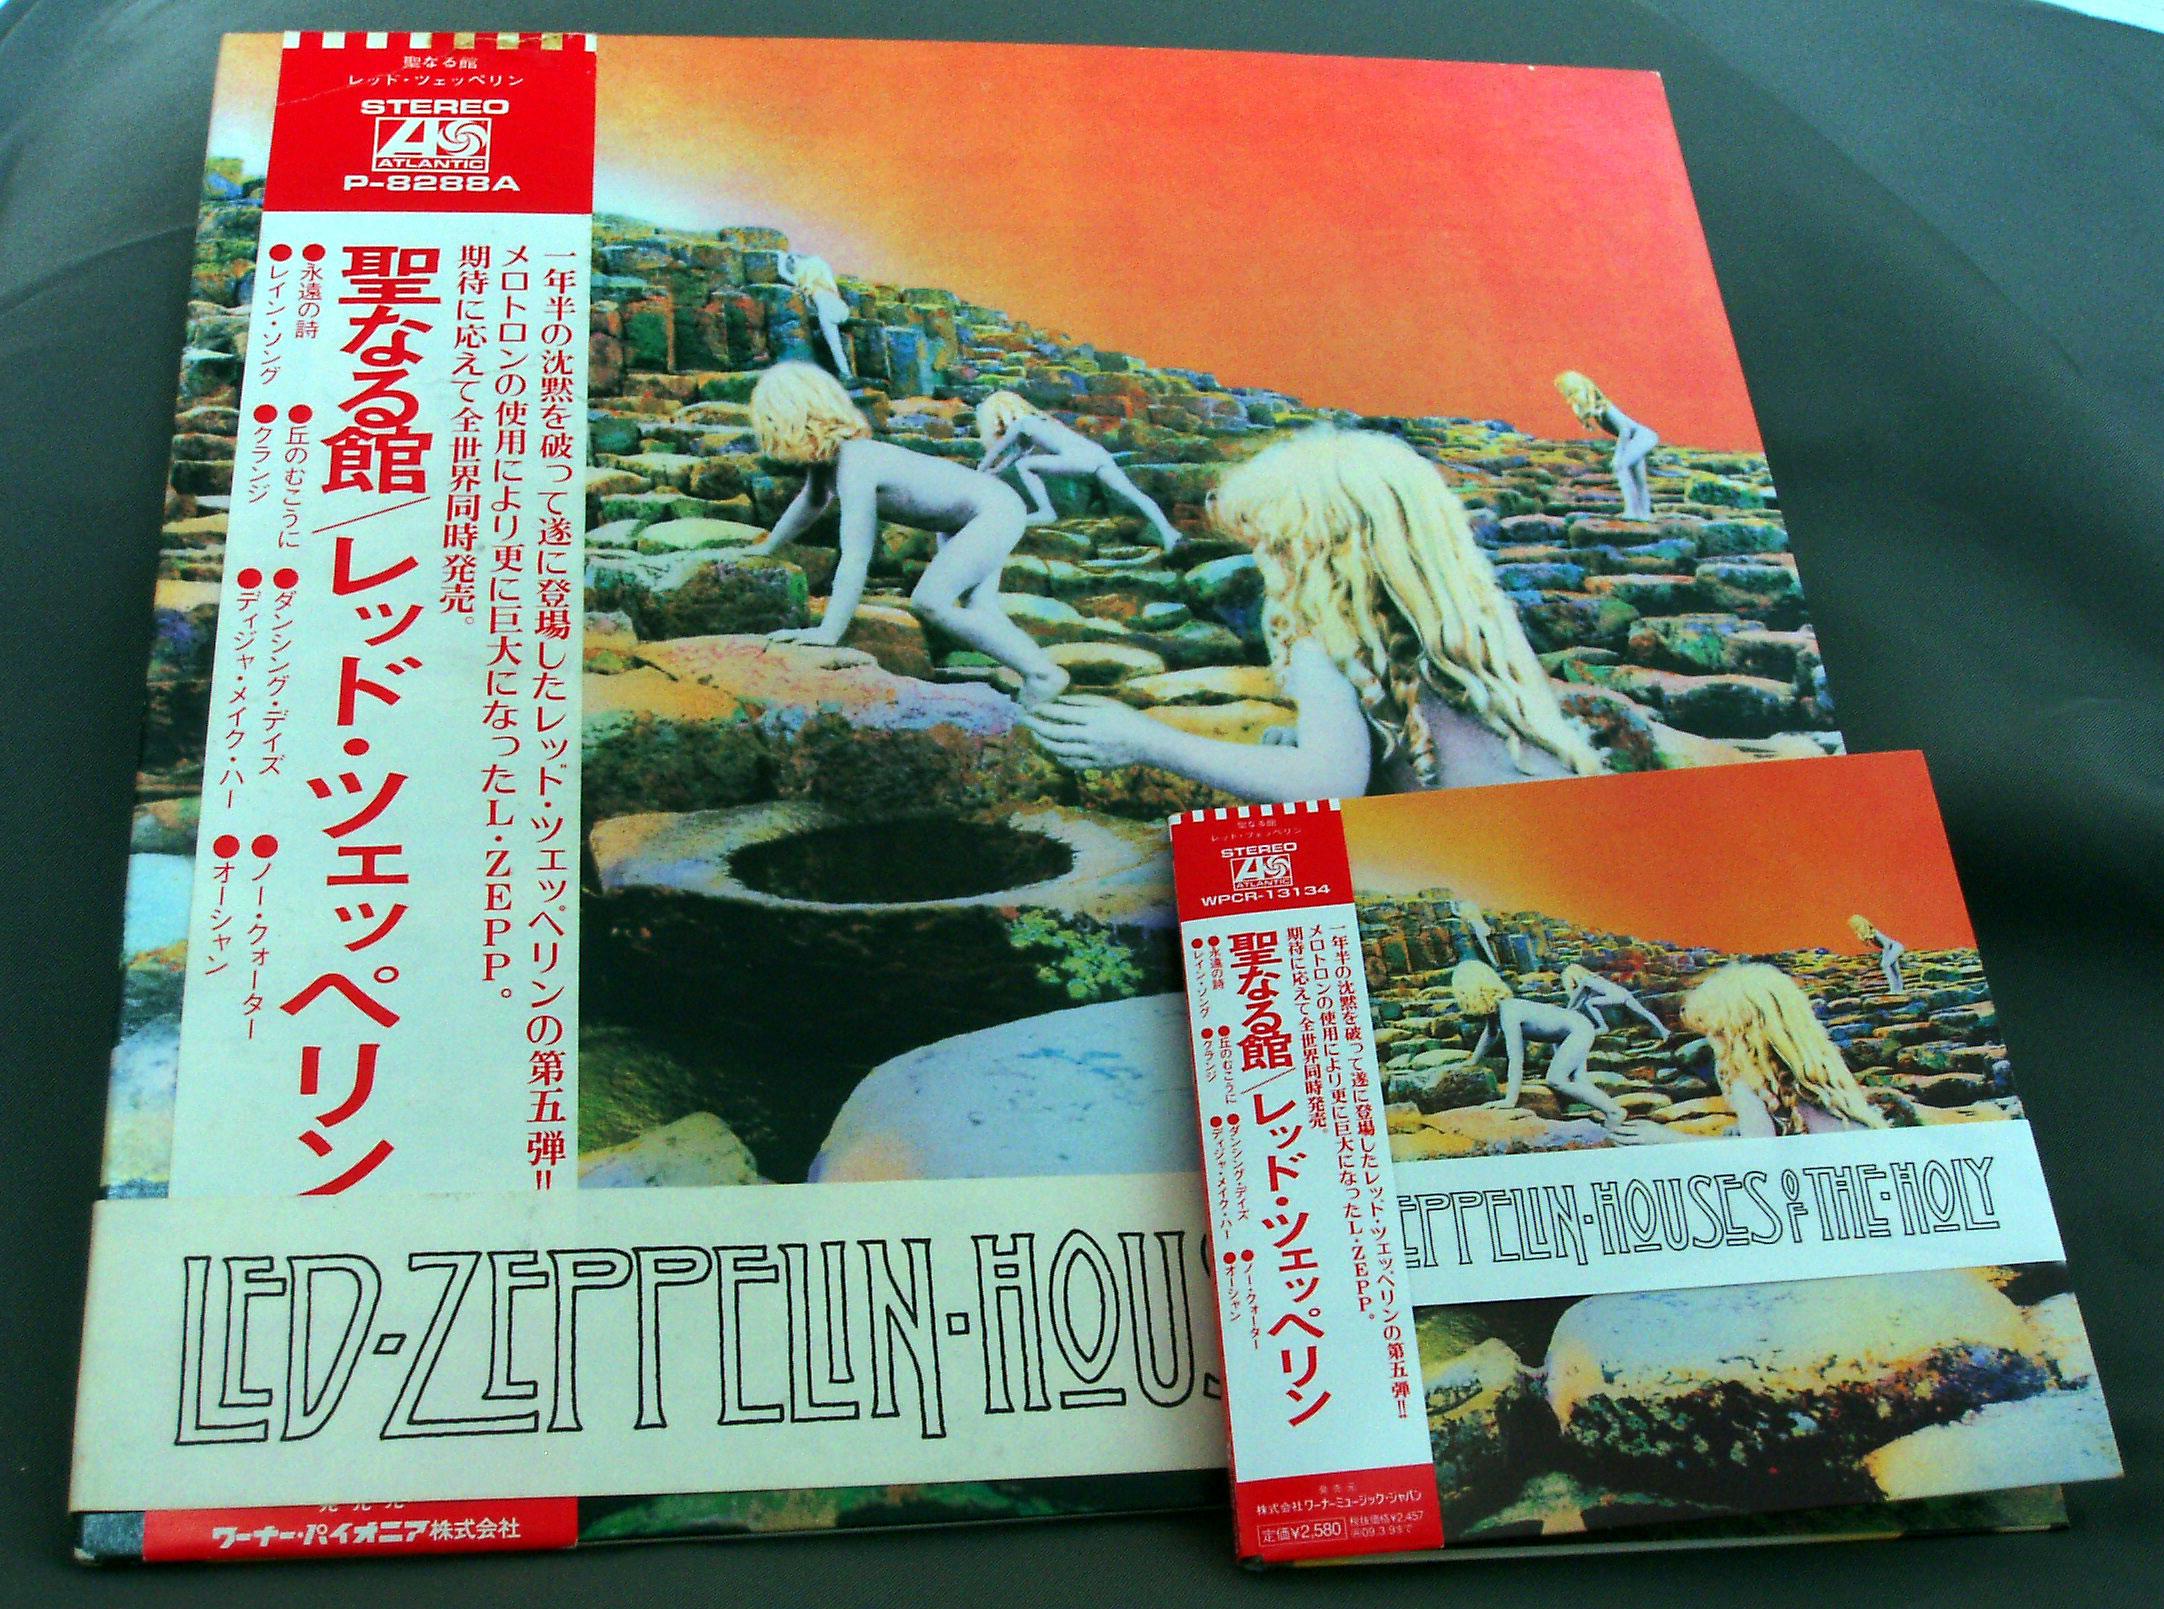 Led Zeppelin SHM-CDボックス 続...